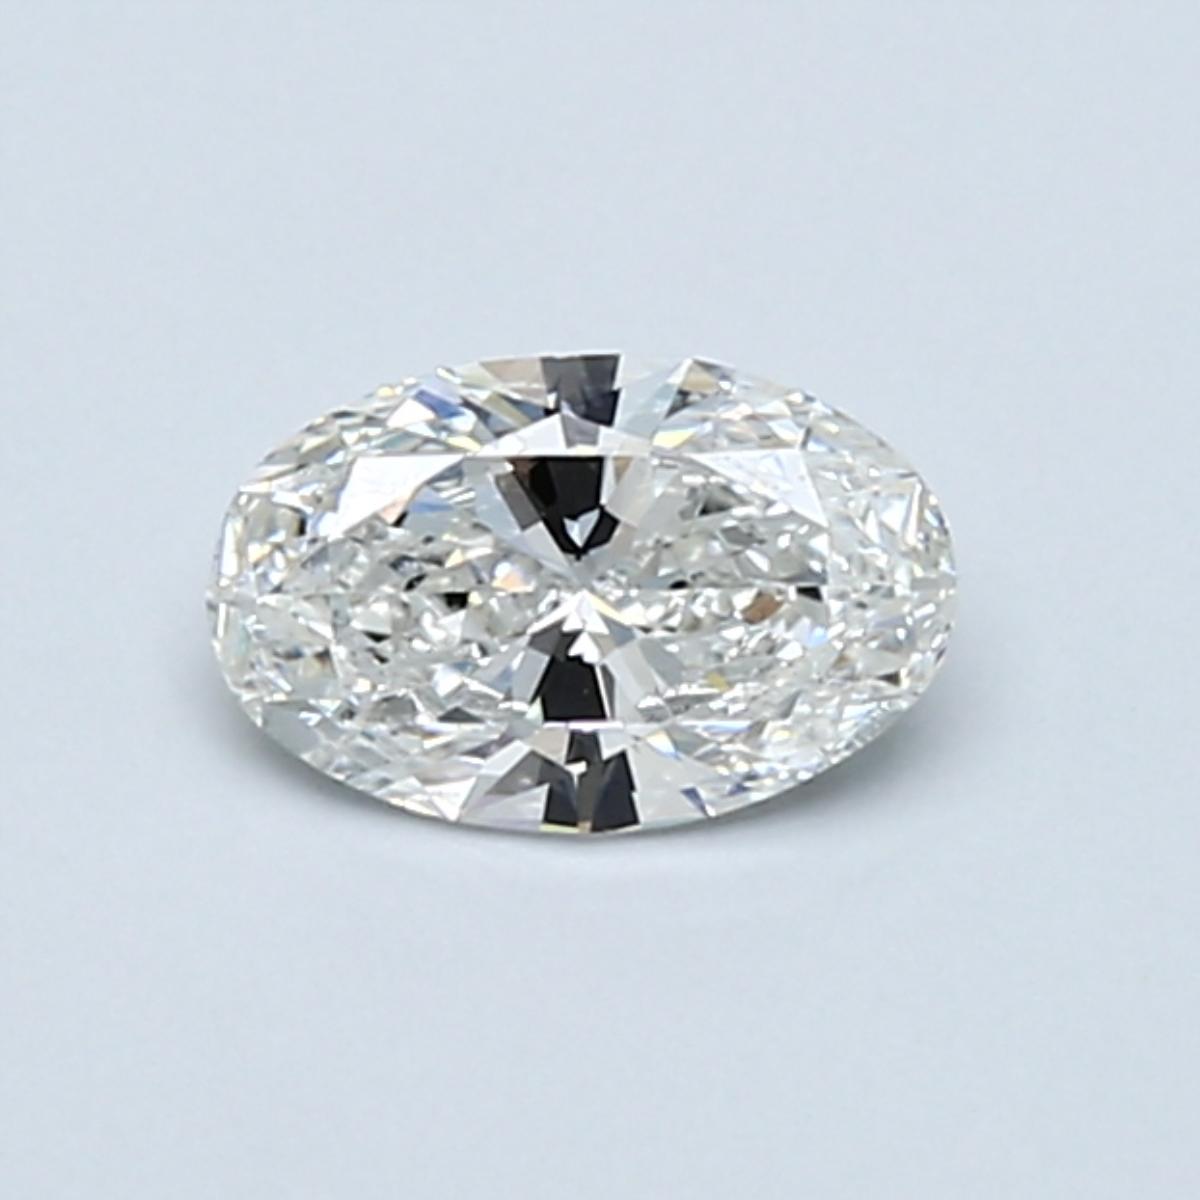 0.50-Carat Oval Cut Diamond